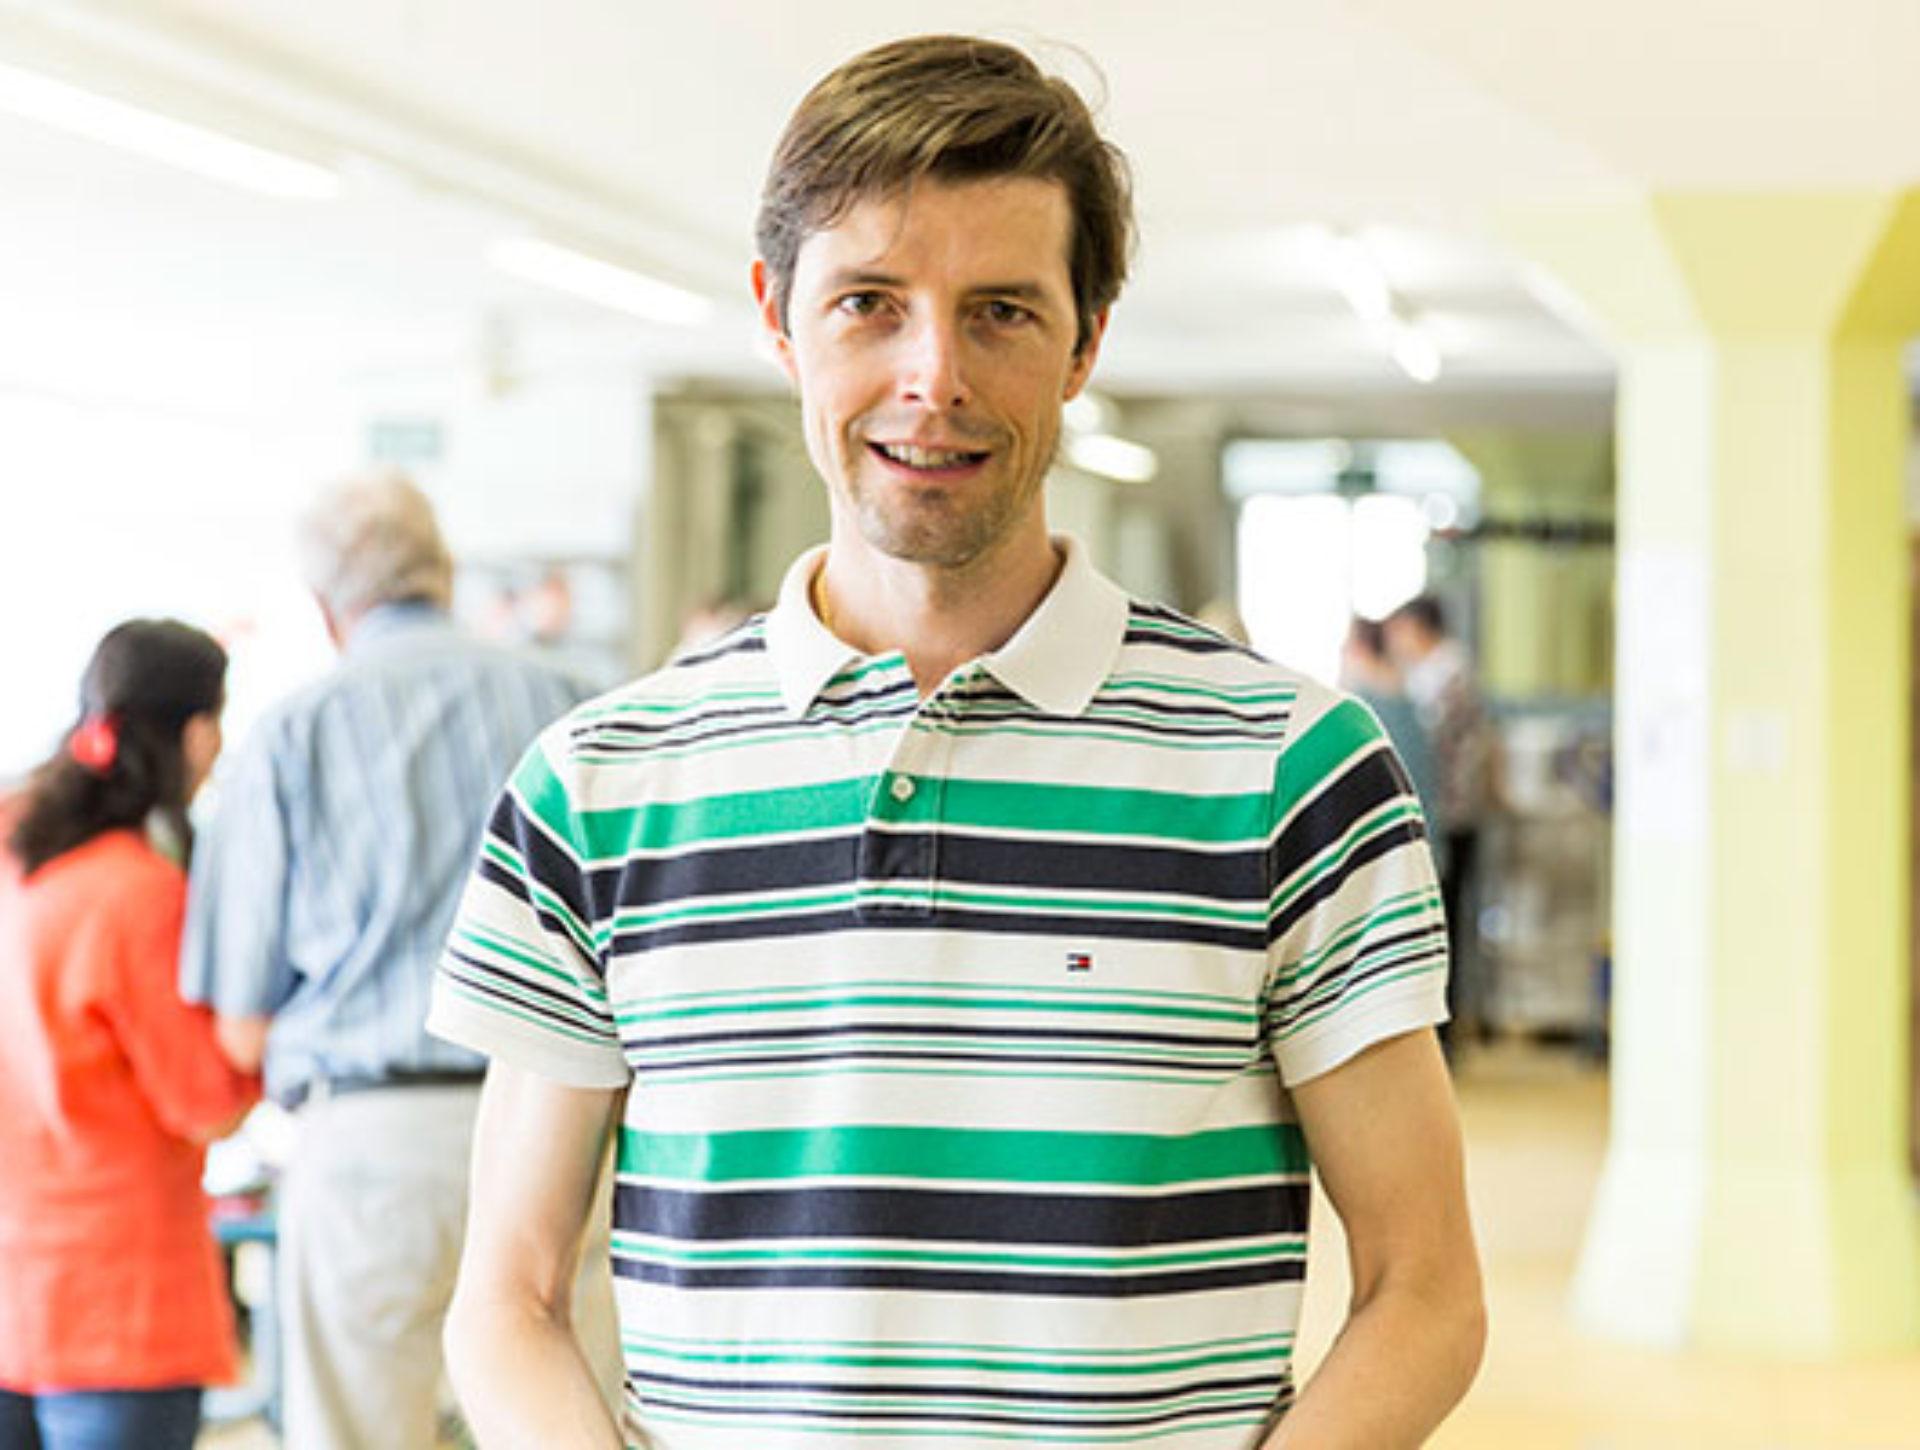 Stefan Sidler, Besucher «Ich bin zufällig vorbeikommen und sehe, wie wichtig sinnvolle Arbeitsplätze für alle sind.»